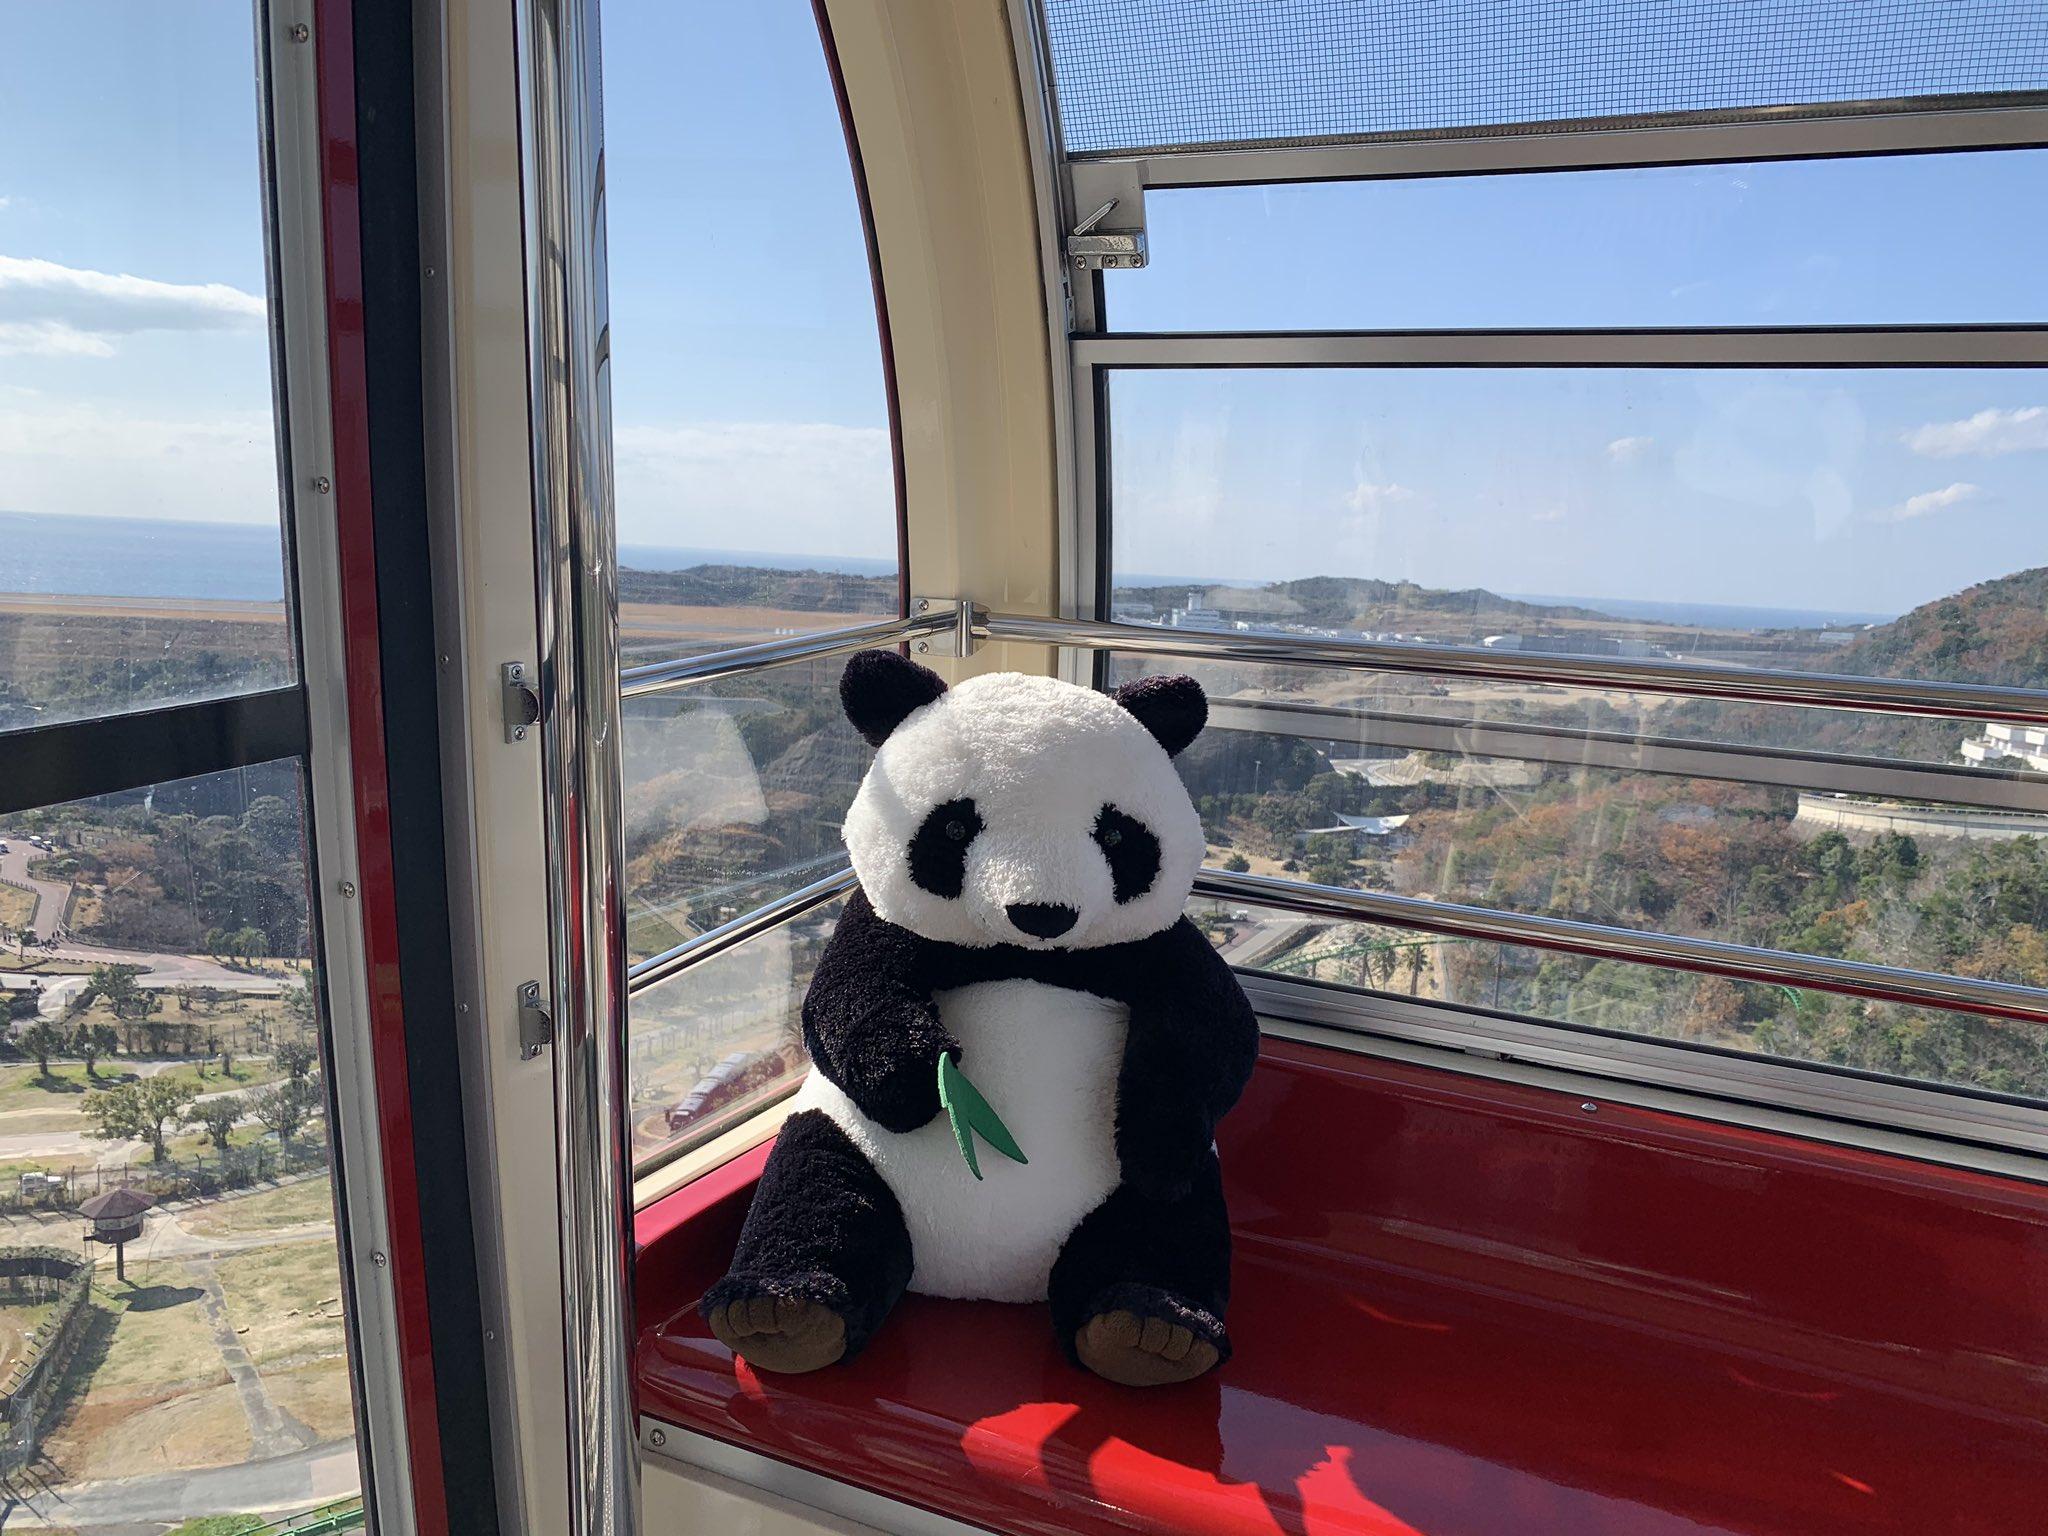 アドベンチャーワールドの観覧車に1人で座ると、問答無用でパンダと個人面談になる